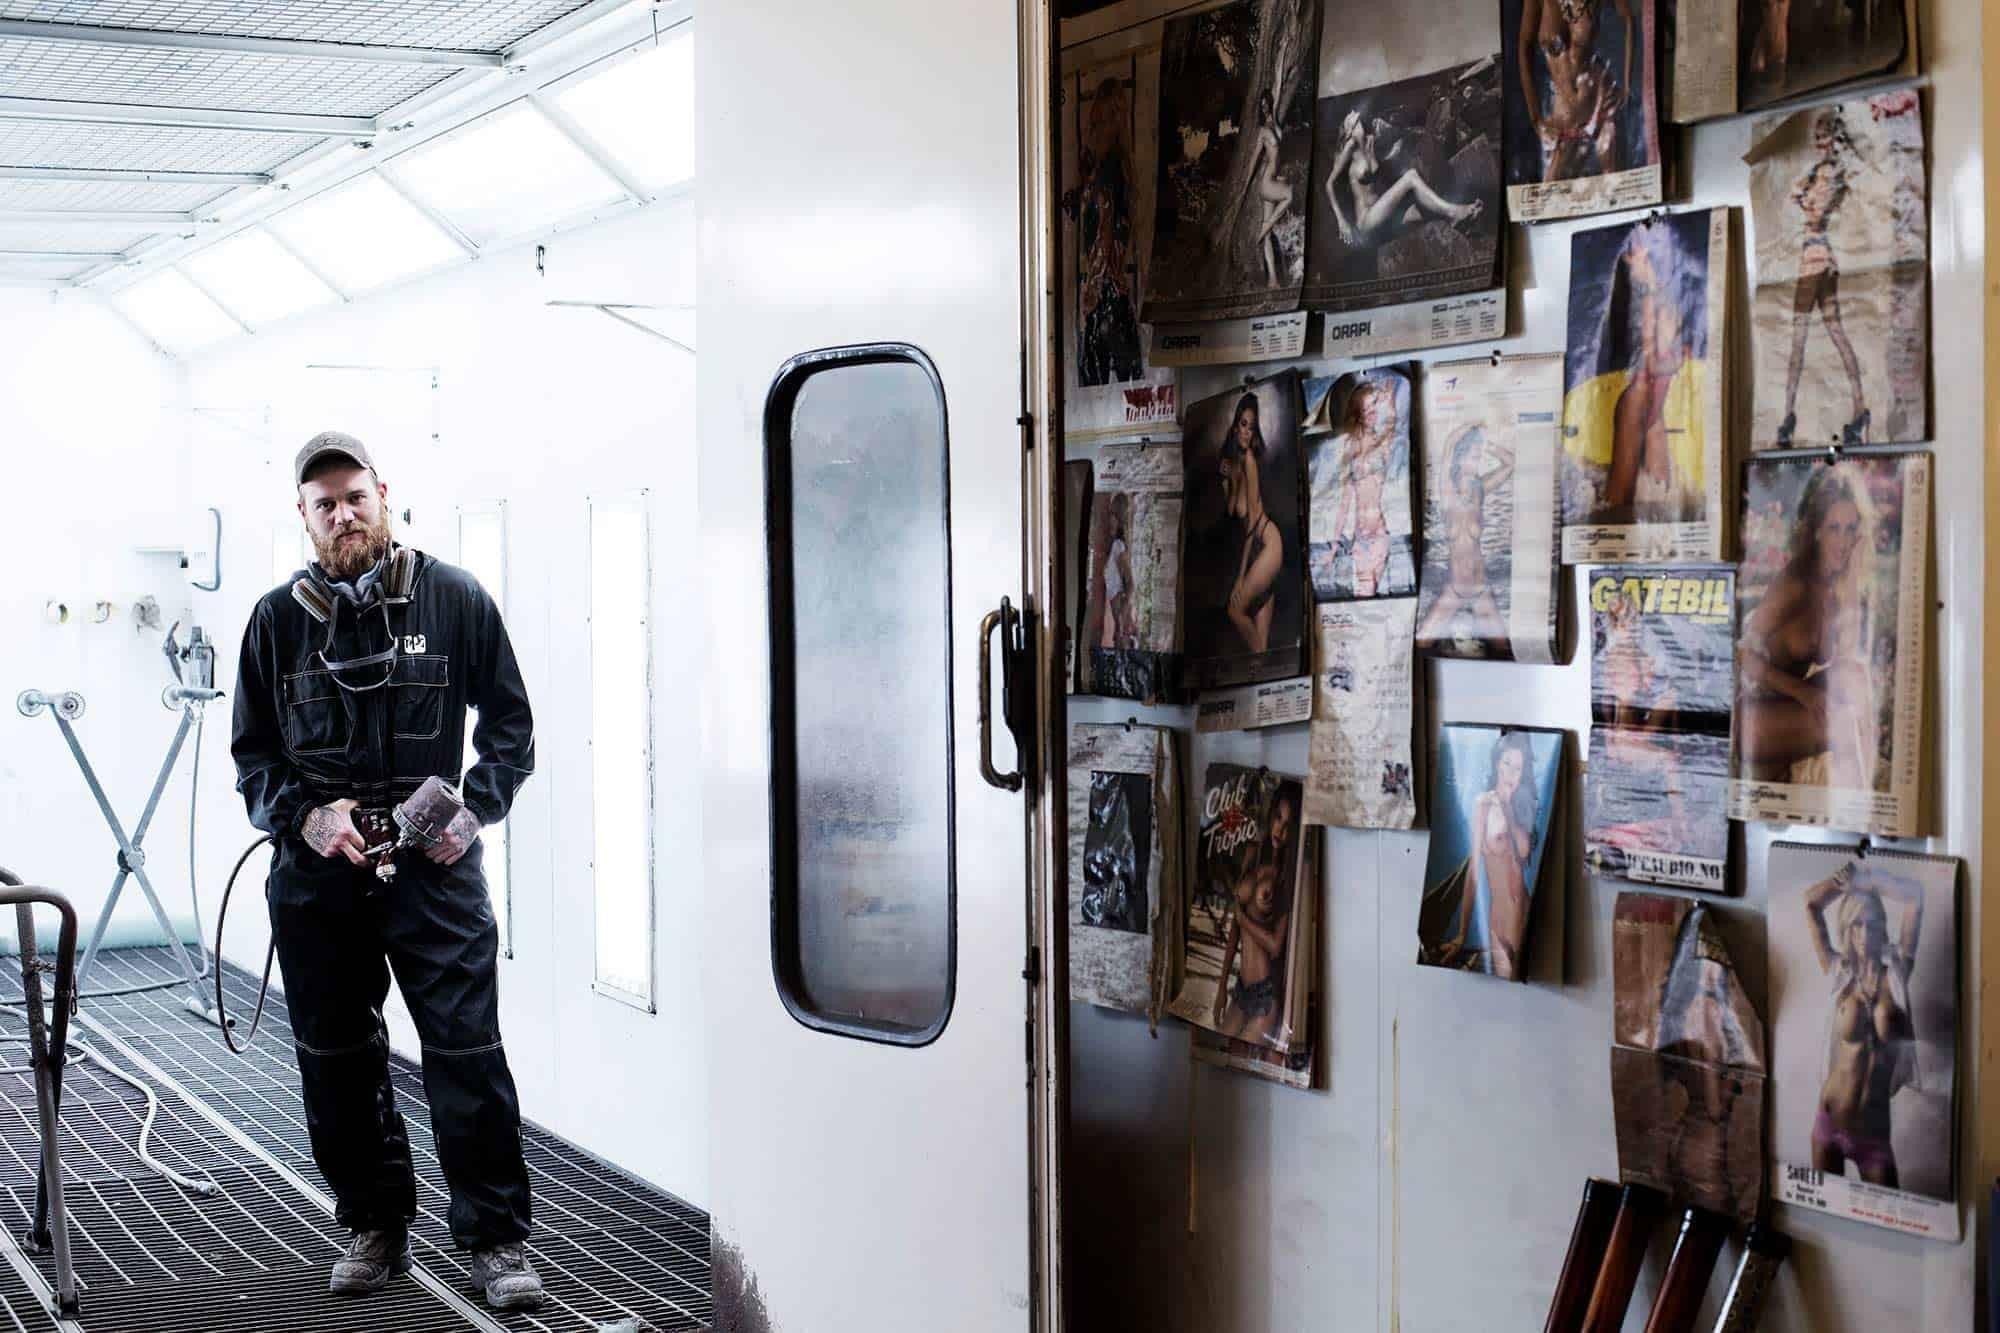 Mann, skjegg og verktøy. I lakkeringshall. Med babes på veggen. Som seg hør og bør, får en vel si. // Foto: Joakim Andreassen